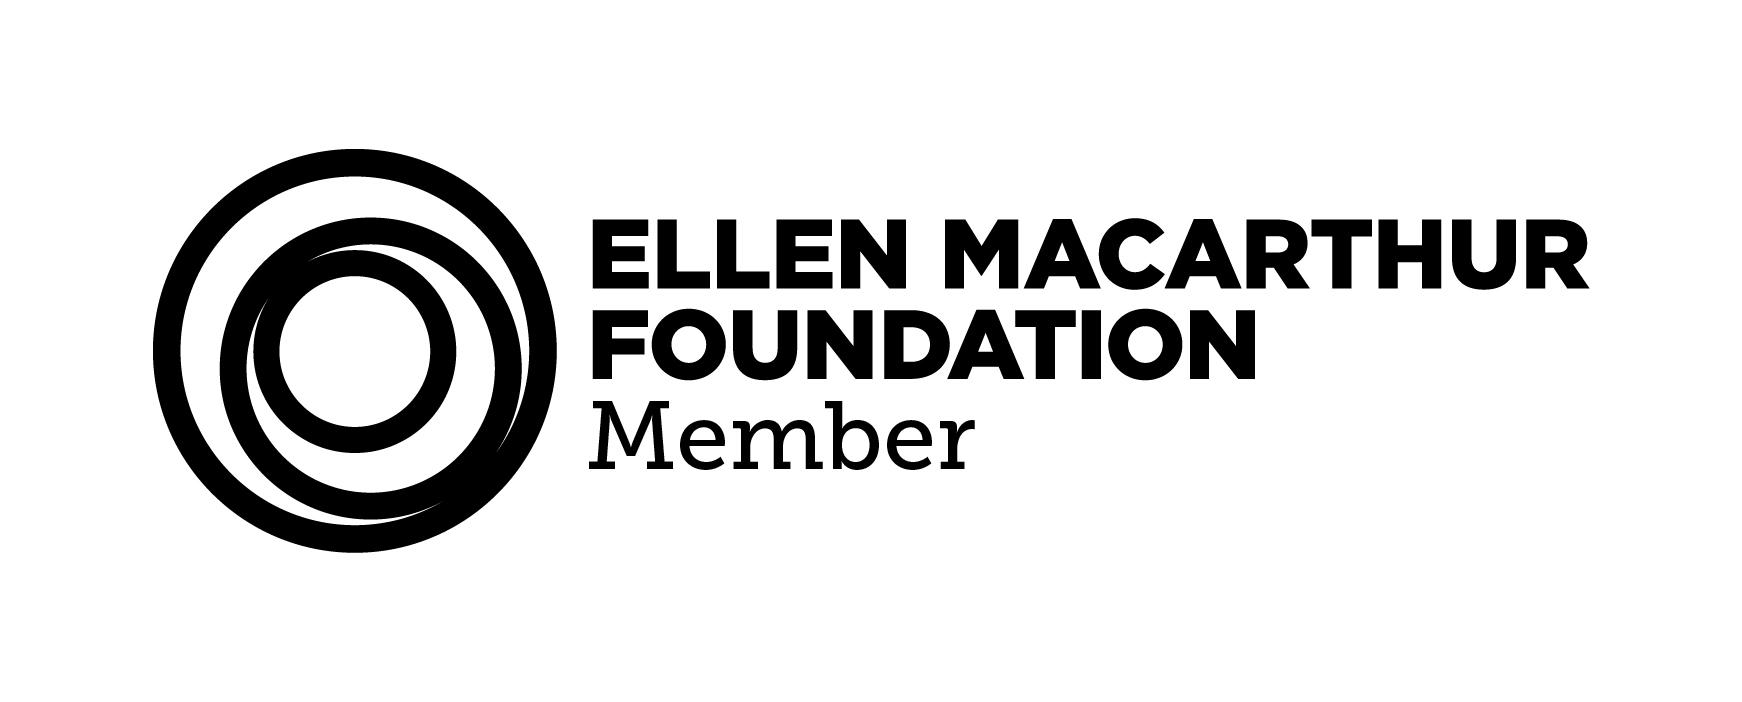 EMF network member logo